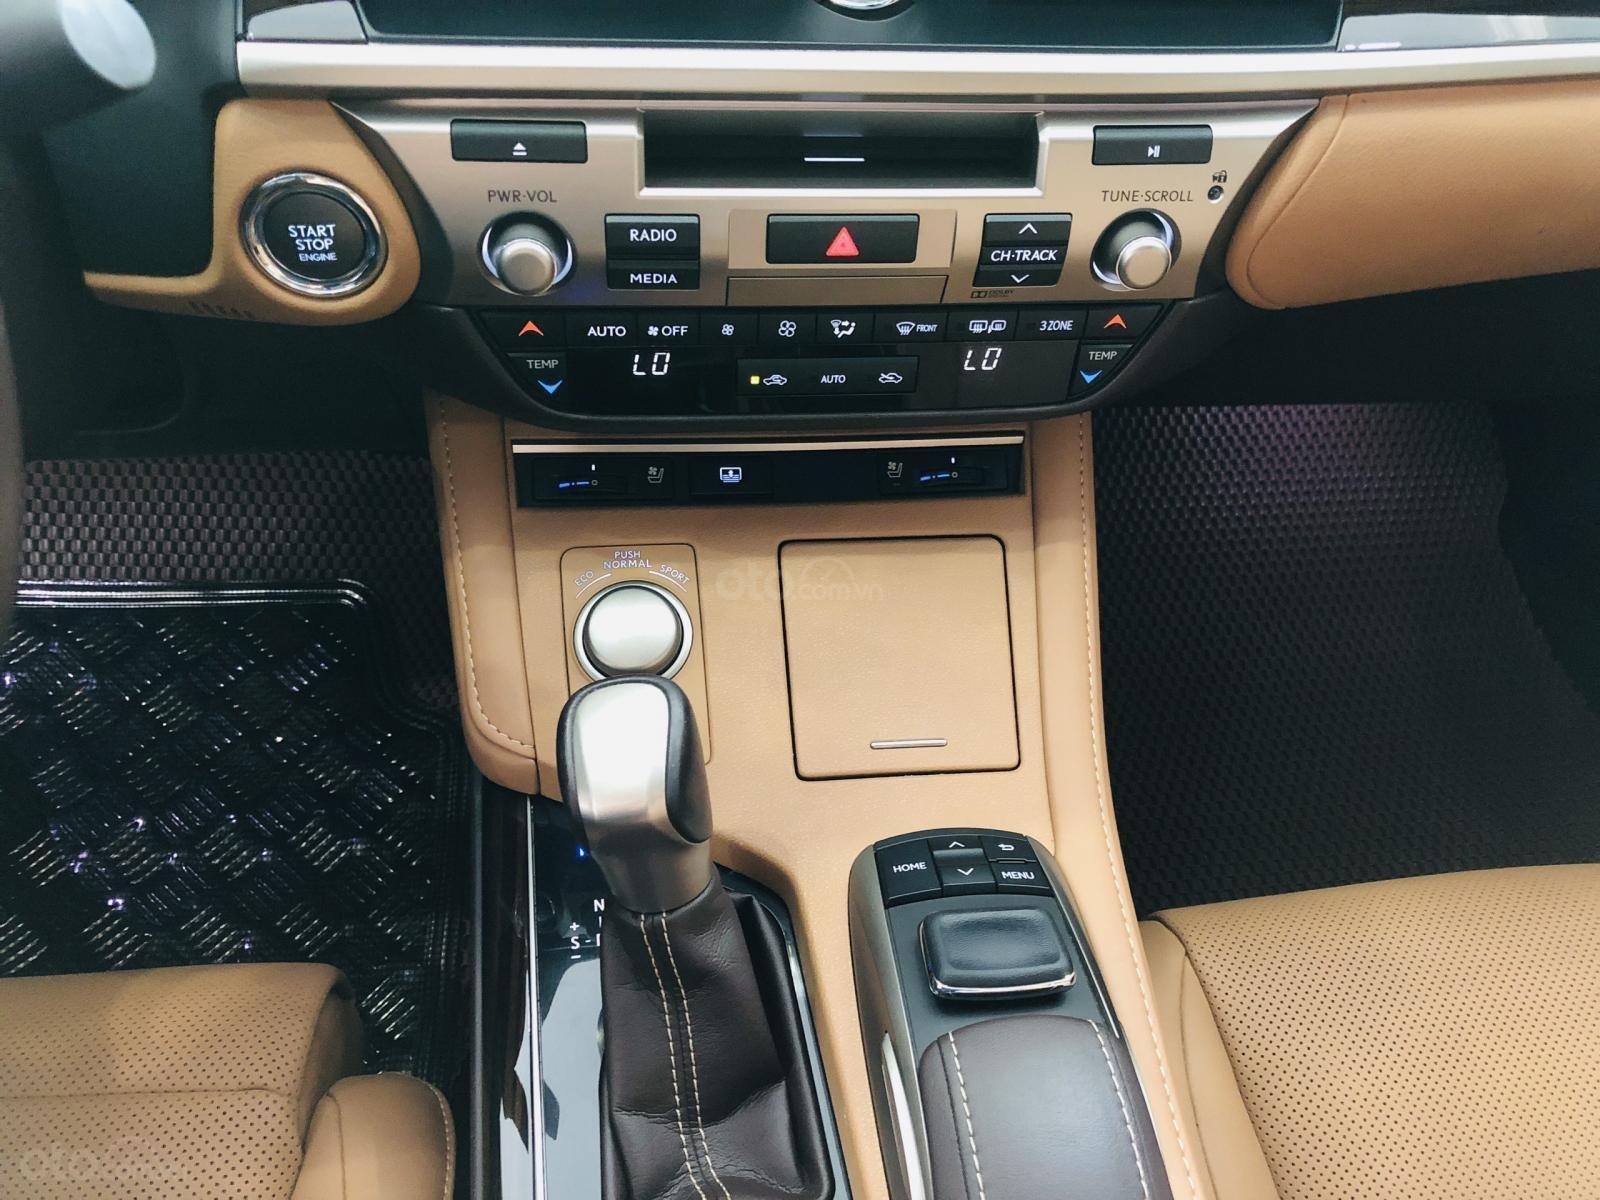 Bán Lexus ES 250 sản xuất 2016, đăng ký 2017, xe đi lướt 24.000km, bao kiểm tra hãng, tiết kiệm so với xe mới 700 triệu-7